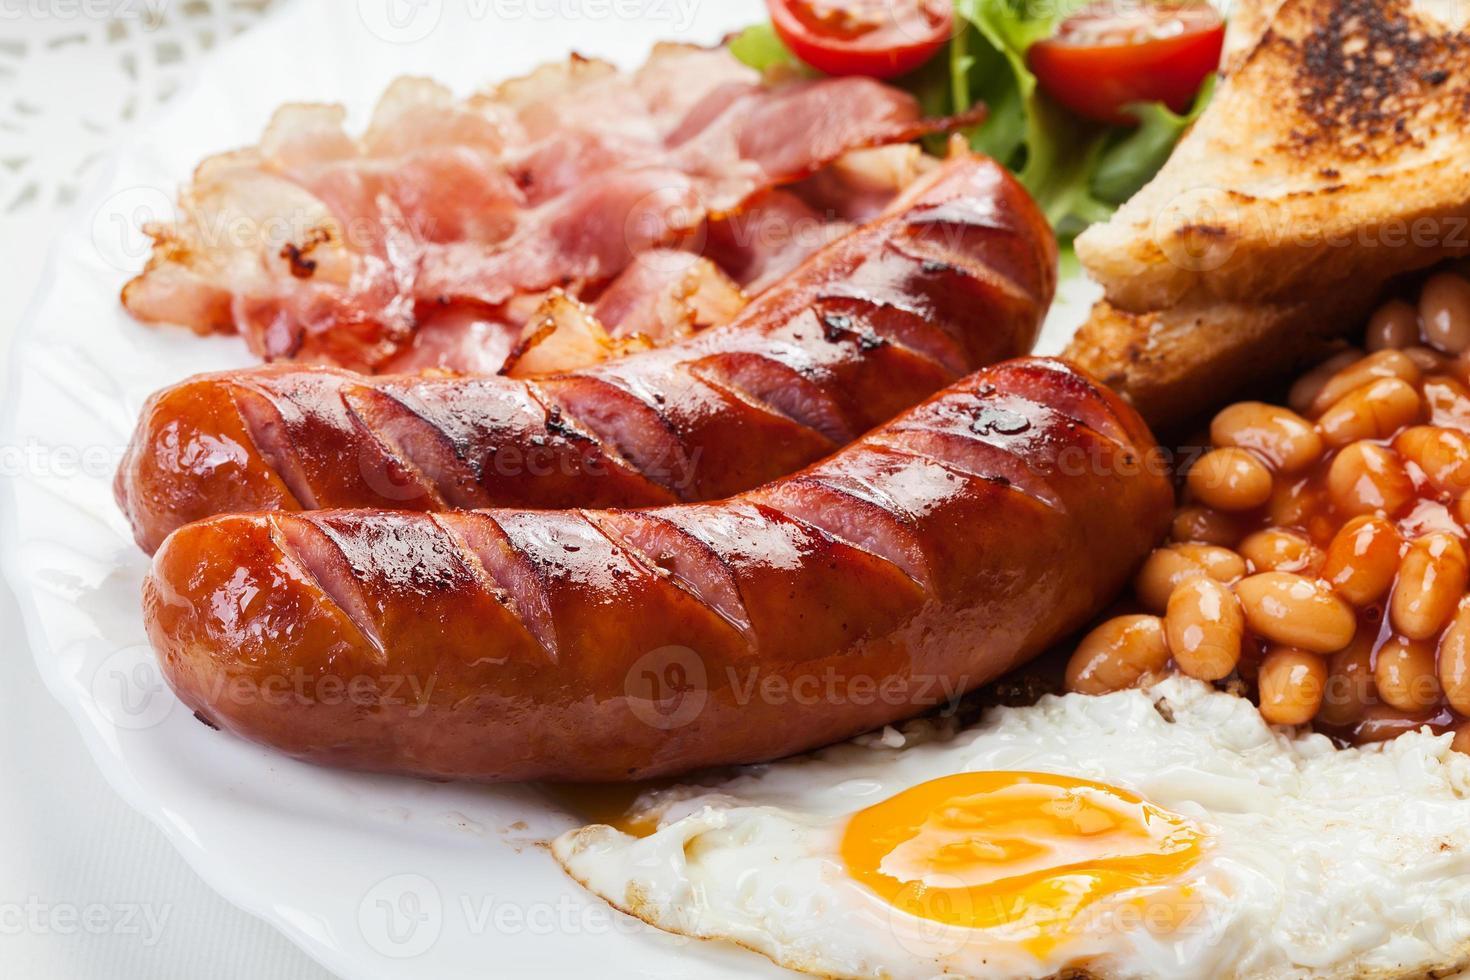 desayuno inglés completo con tocino, salchichas, huevo y frijoles foto